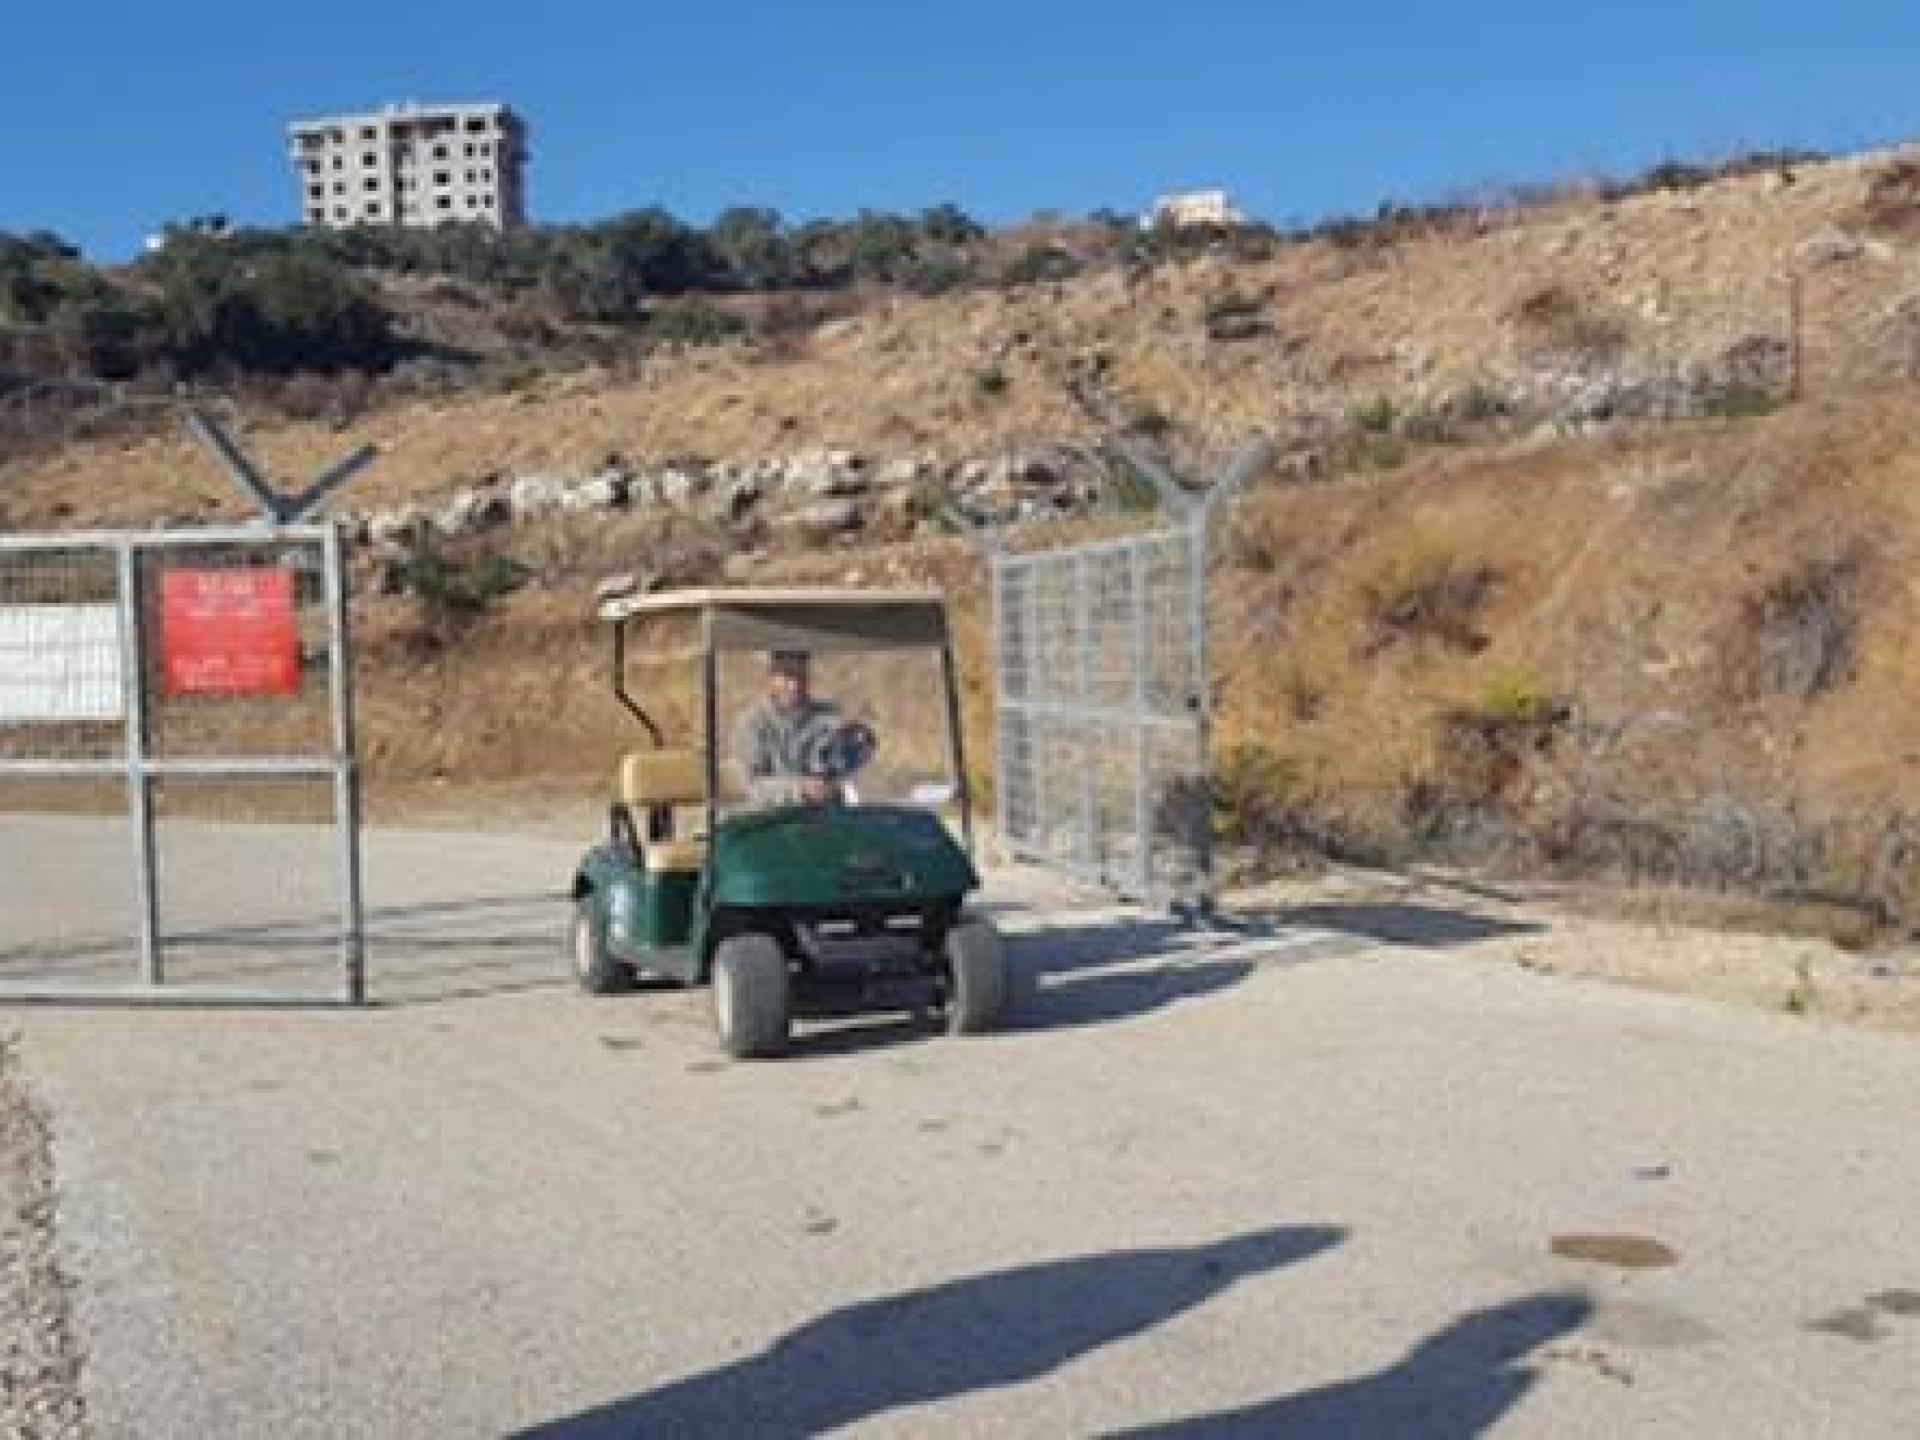 מחסום טייבה רומנה: לאחר כרבע שעה הפלסטיני (מכר ותיק) הורשה להמשיך בדרכו להפתעתנו.